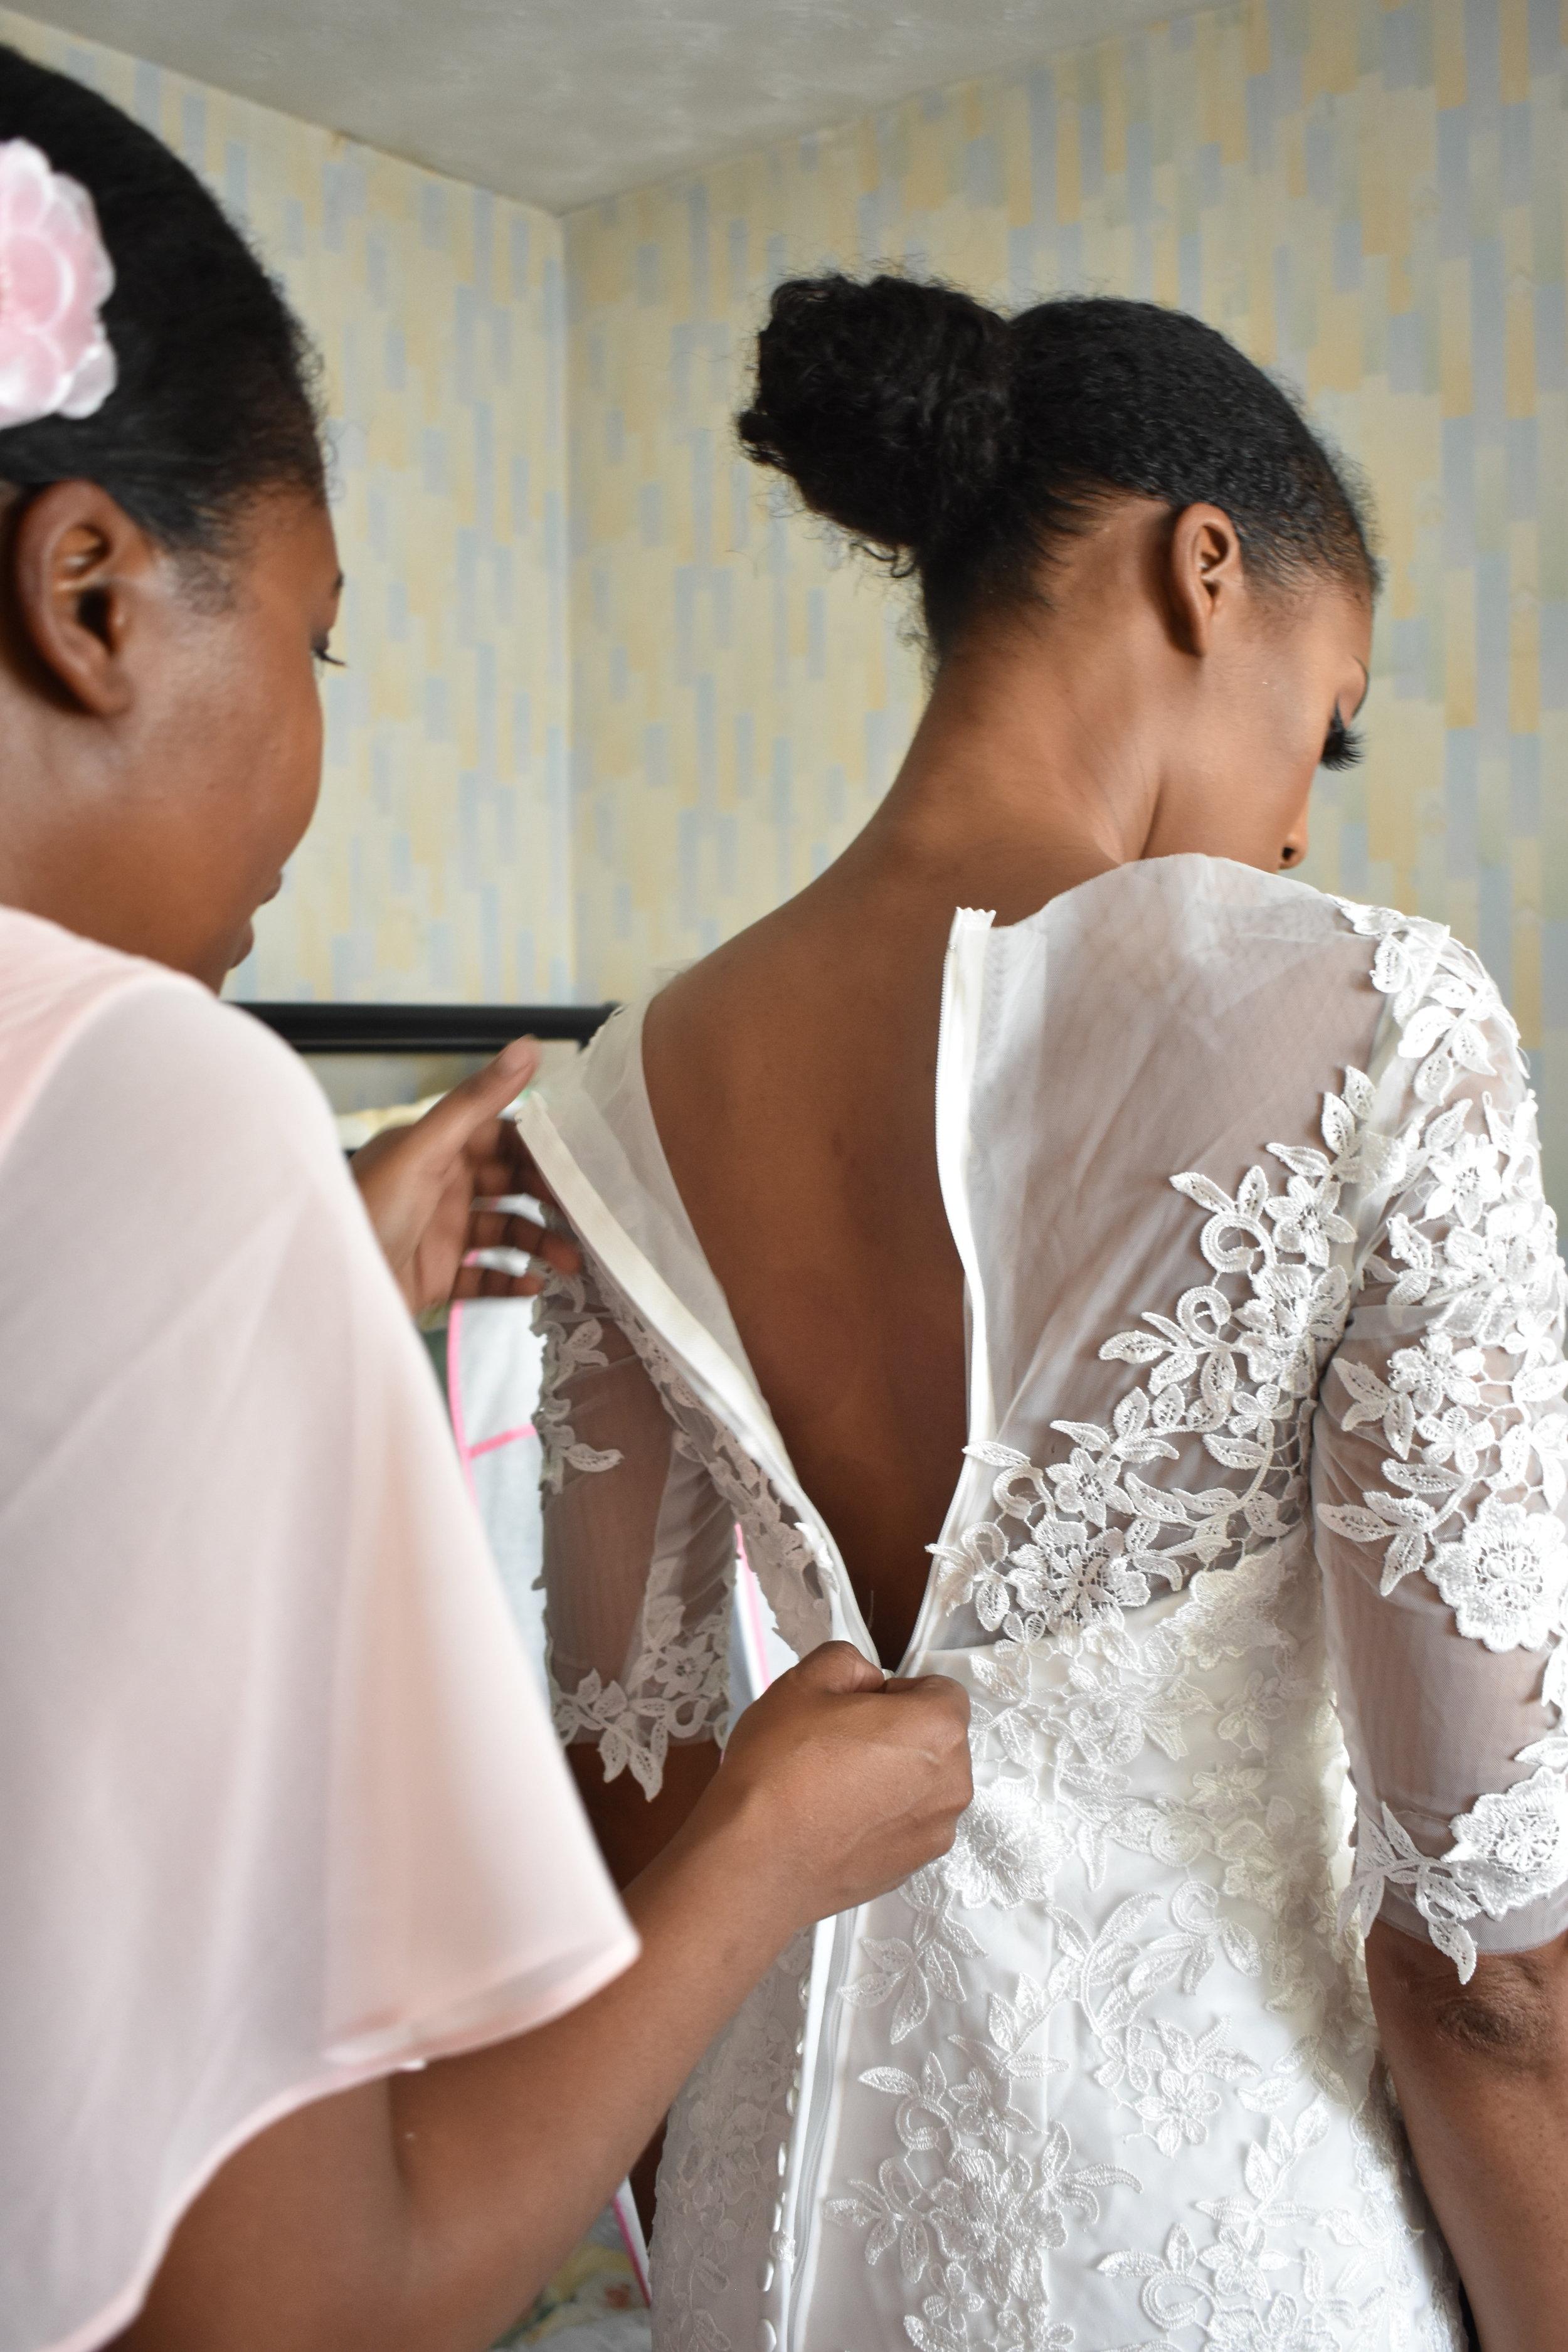 Getting Dressed Wedding Day